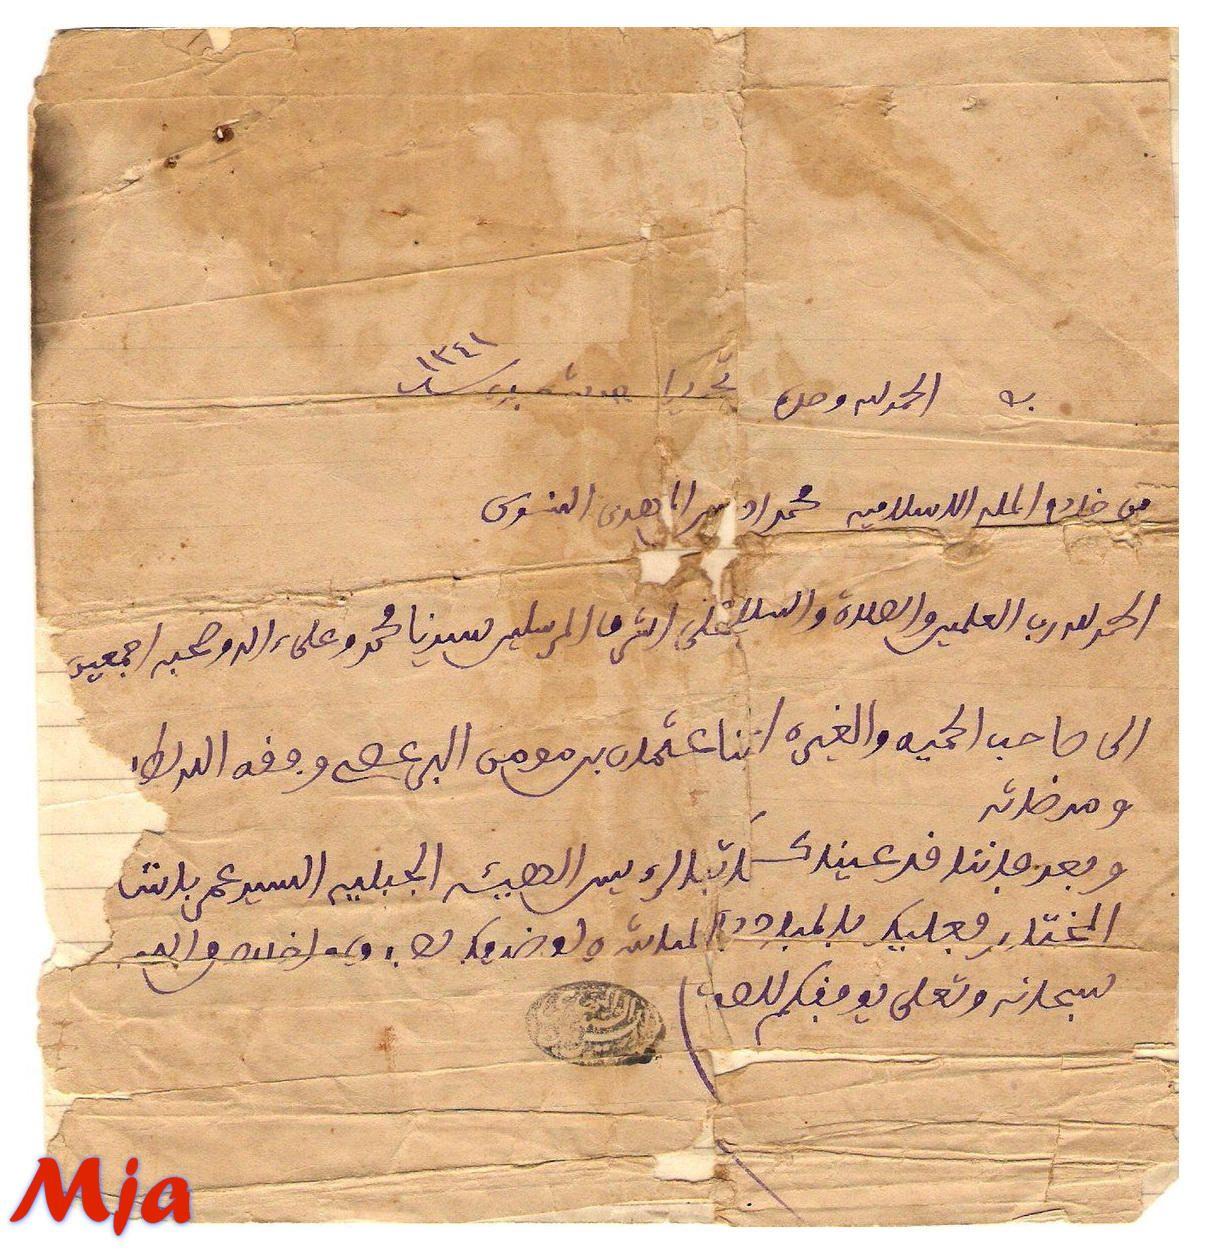 رسالة من الامير ادريس السنوسي الي نائب عمر المختار عثمان مومن البرعصي Sheet Music Jiro Libya